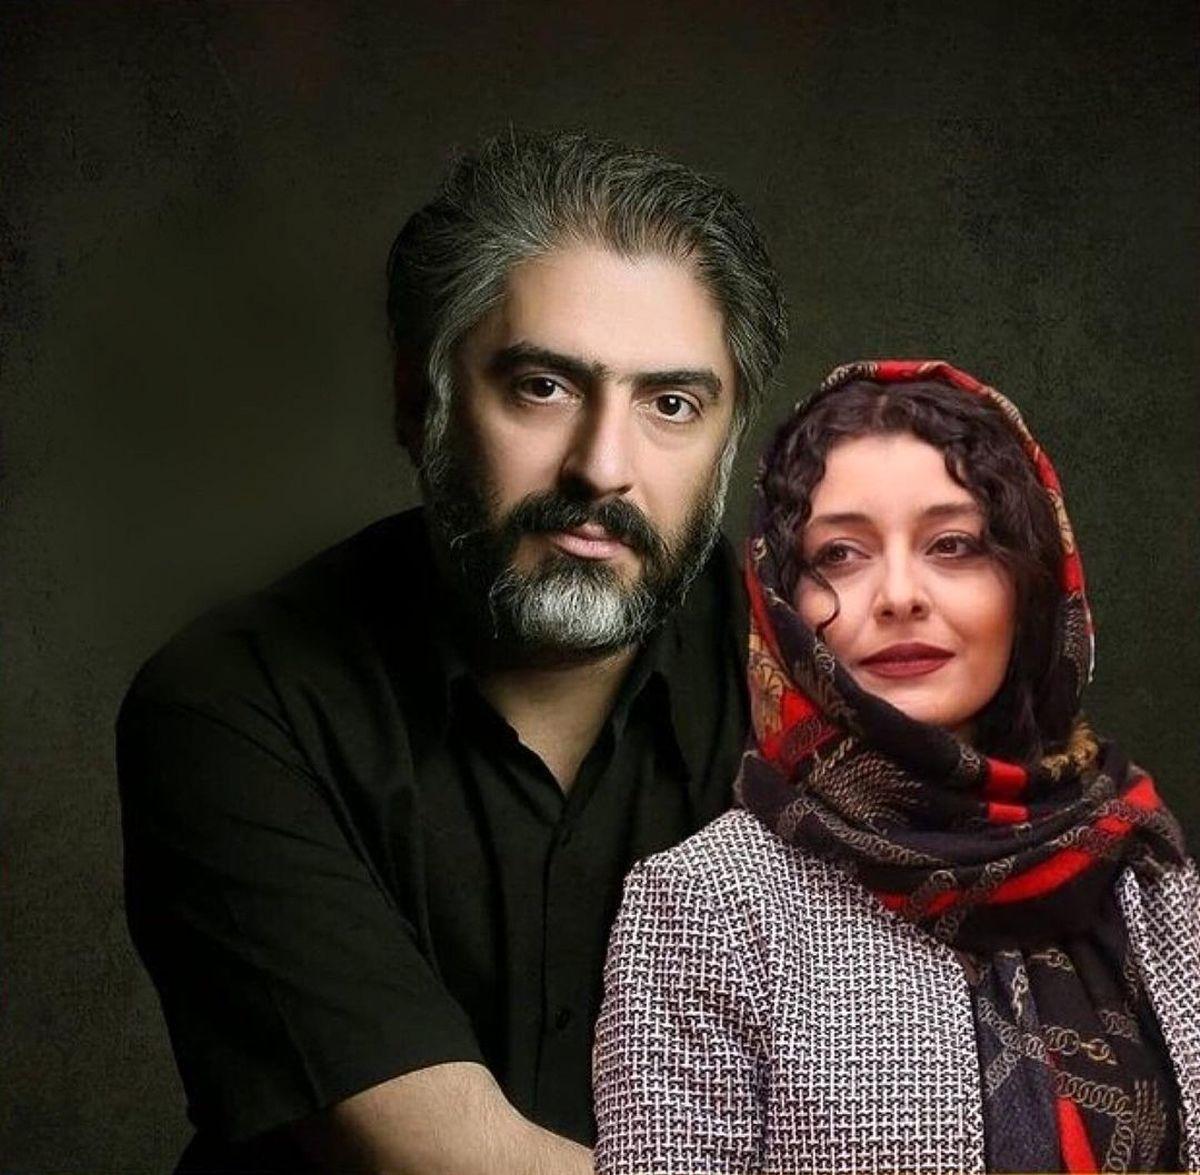 عاشقانه علیرضا افکاری برای همسرش ساره بیات   بیوگرافی ساره بیات و همسرش